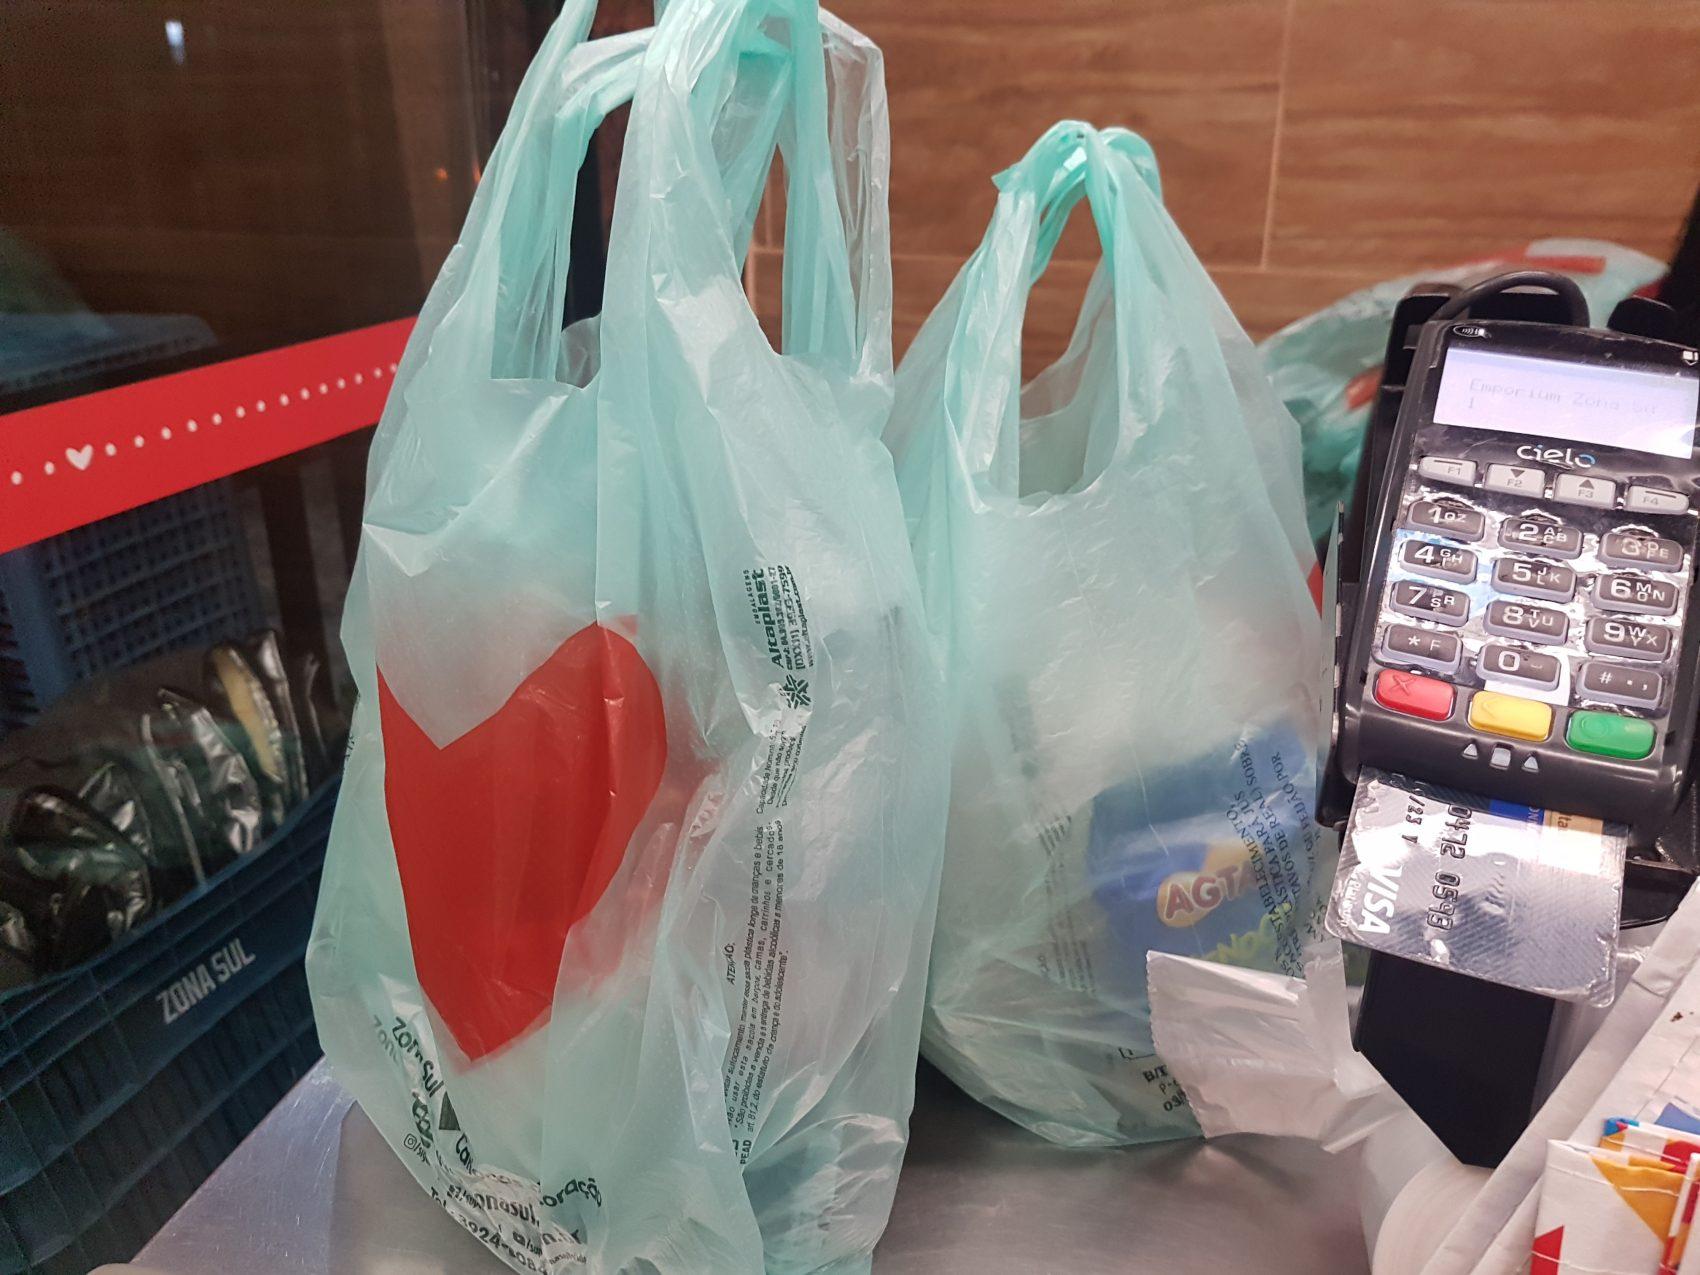 Sacolas plásticas feitas à base de resina de cana-de-açúcar em supermercado do Rio: domínio no mercado paulista após lei semelhante (Foto: Oscar Valporto)